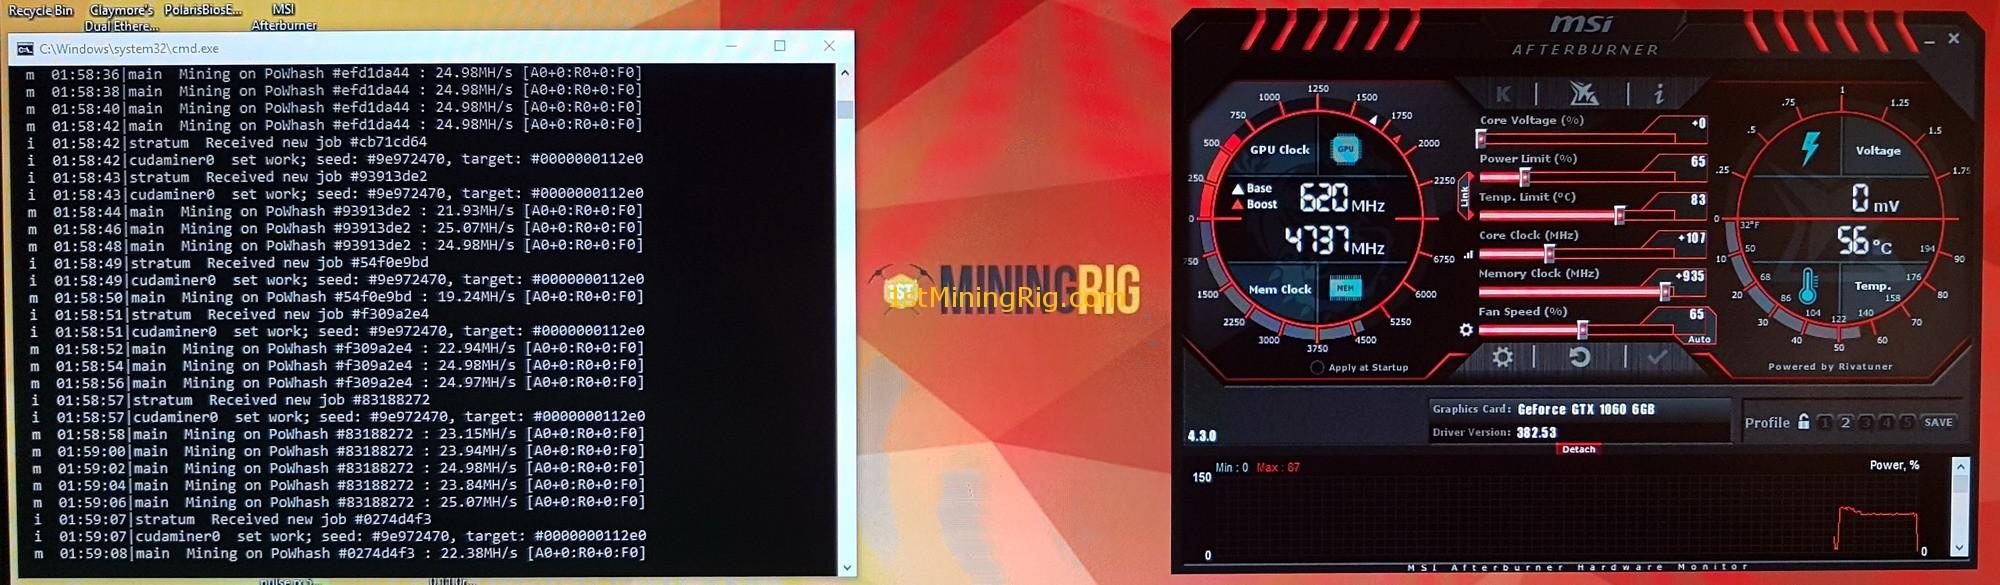 Gtx 1060 6gb ethereum mining - Ubi pension plan